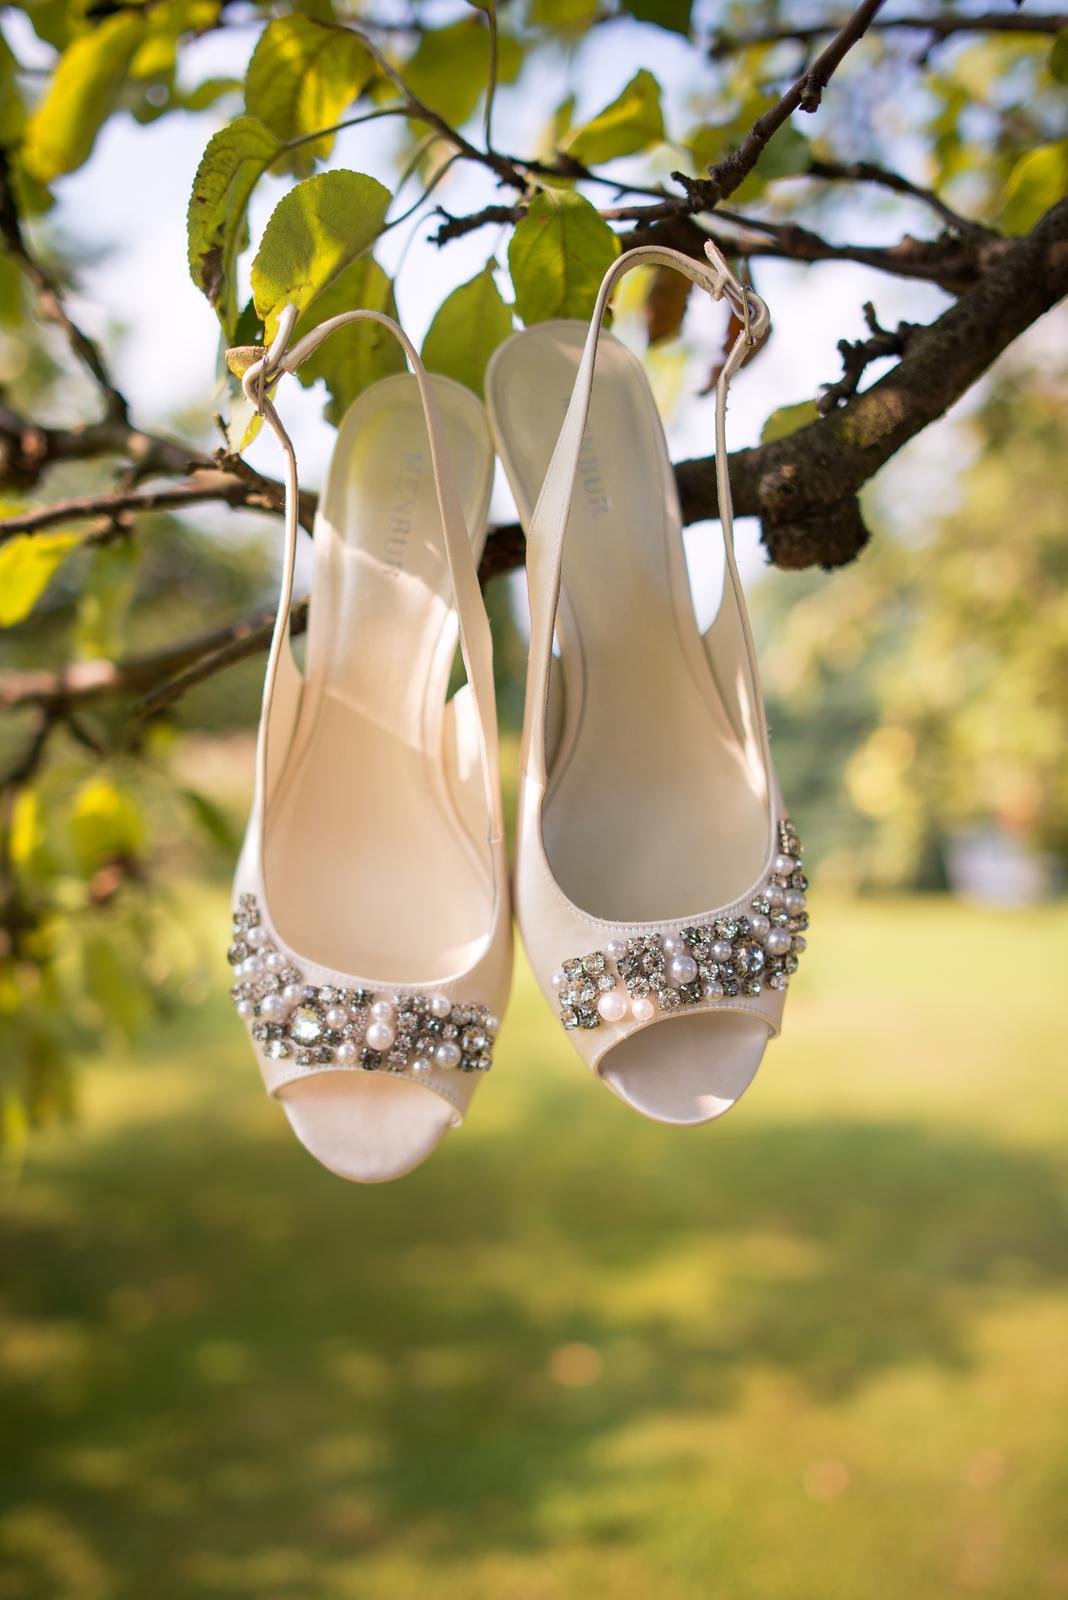 e37fa1ae87 Jinak můžeš taky vyzkoušet svatební salóny - spousta z nich nabízí svatební  obuv. Já měla bílé šaty